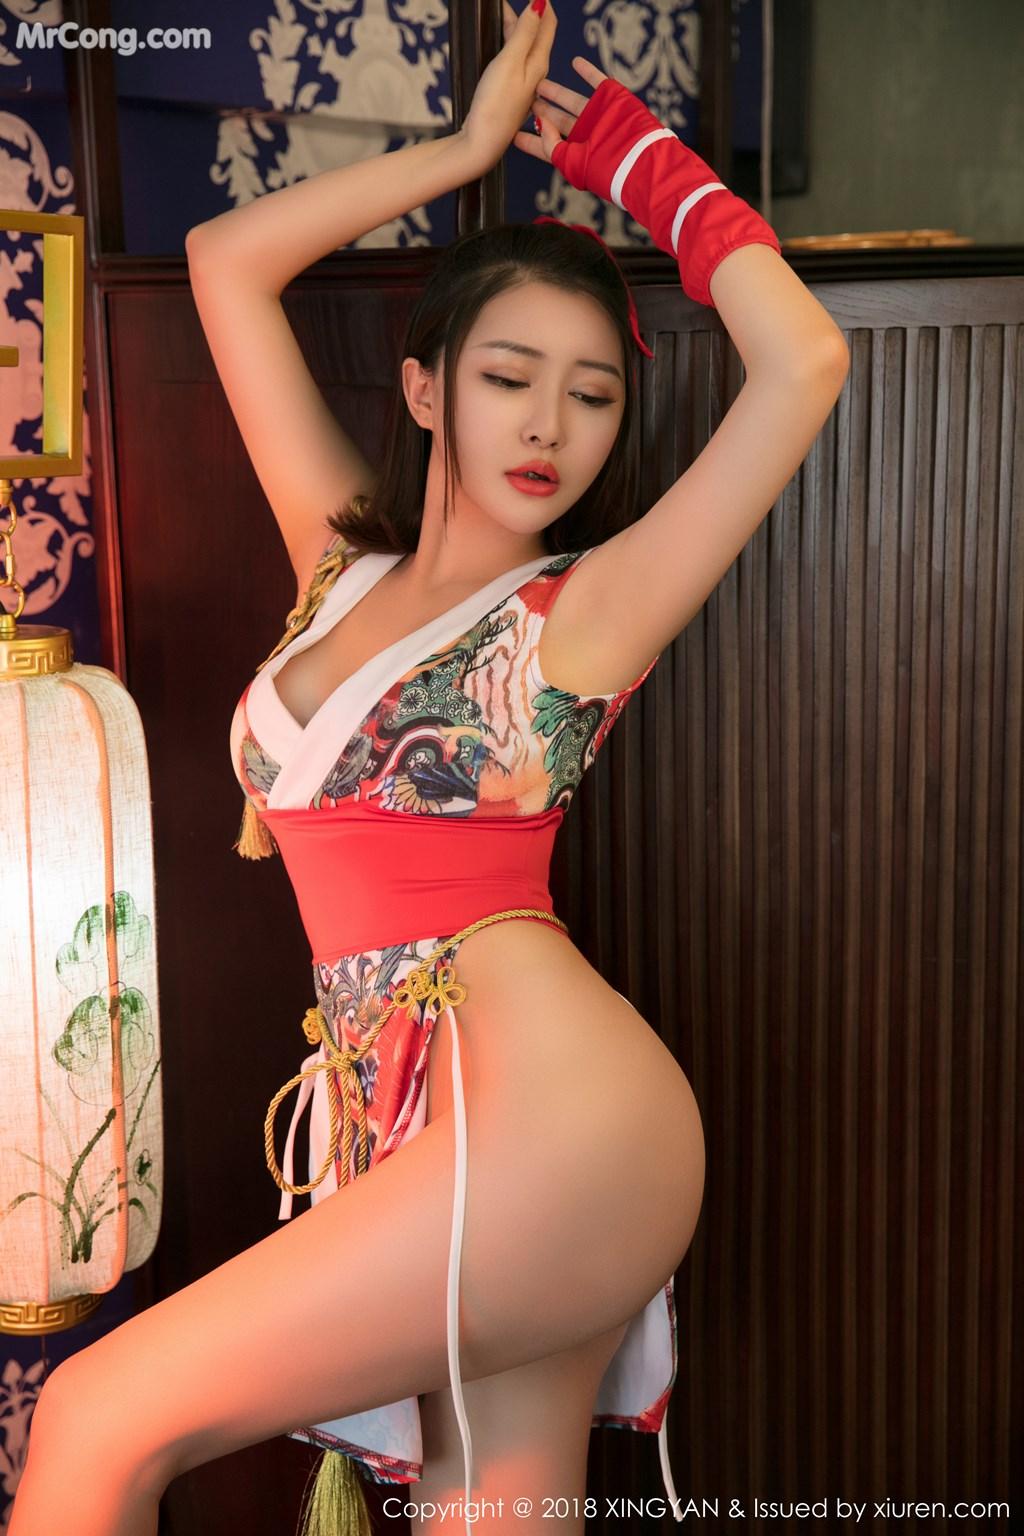 Image XingYan-Vol.028-MrCong.com-011 in post XingYan Vol.028: Người mẫu 廿十 (41 ảnh)